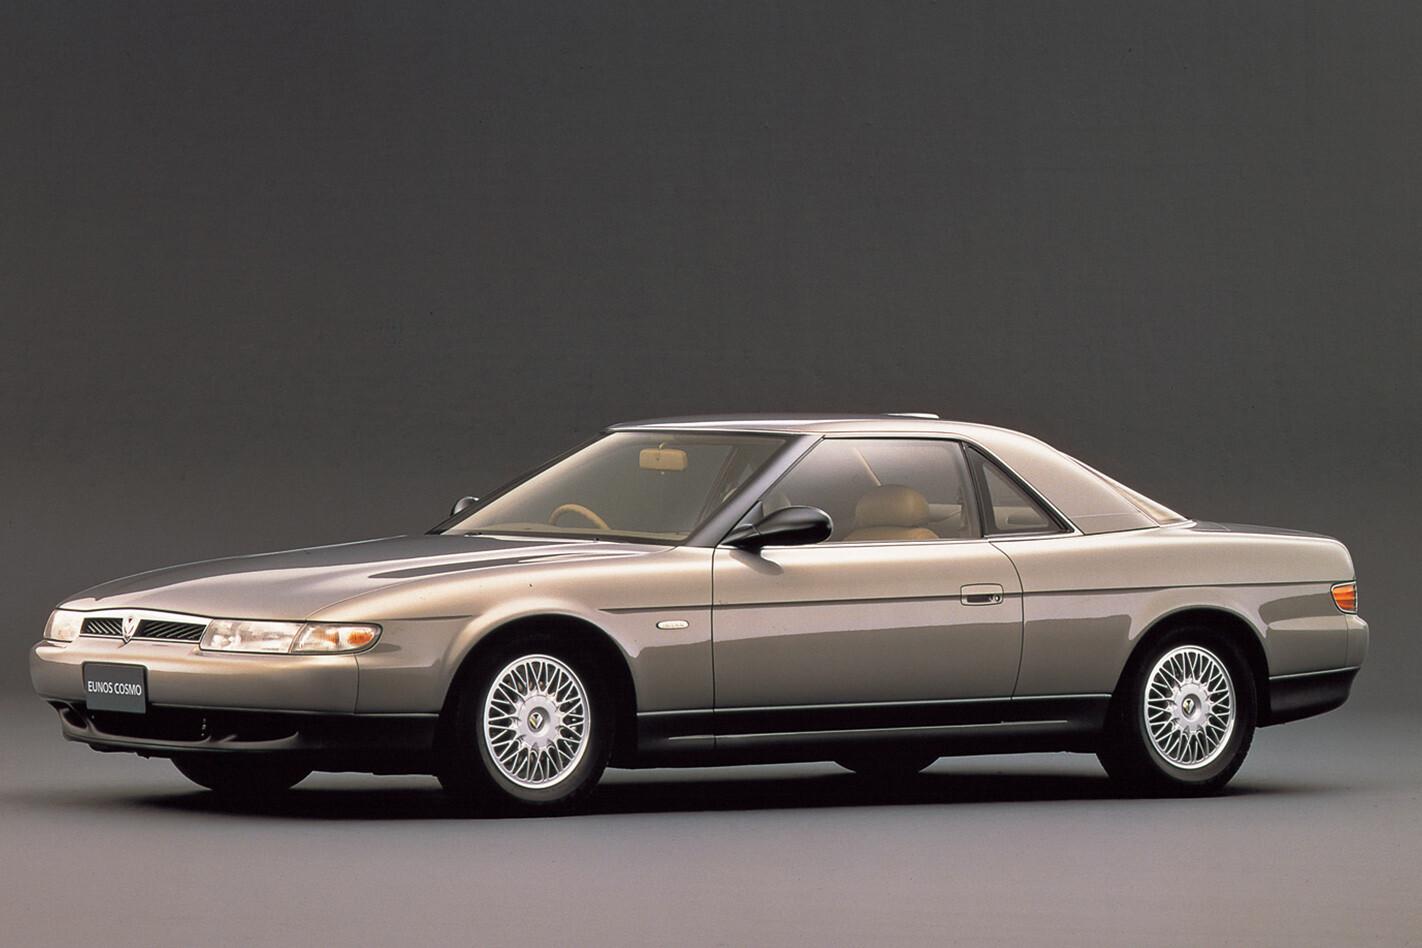 Mazda Turbo Eunos Jpg